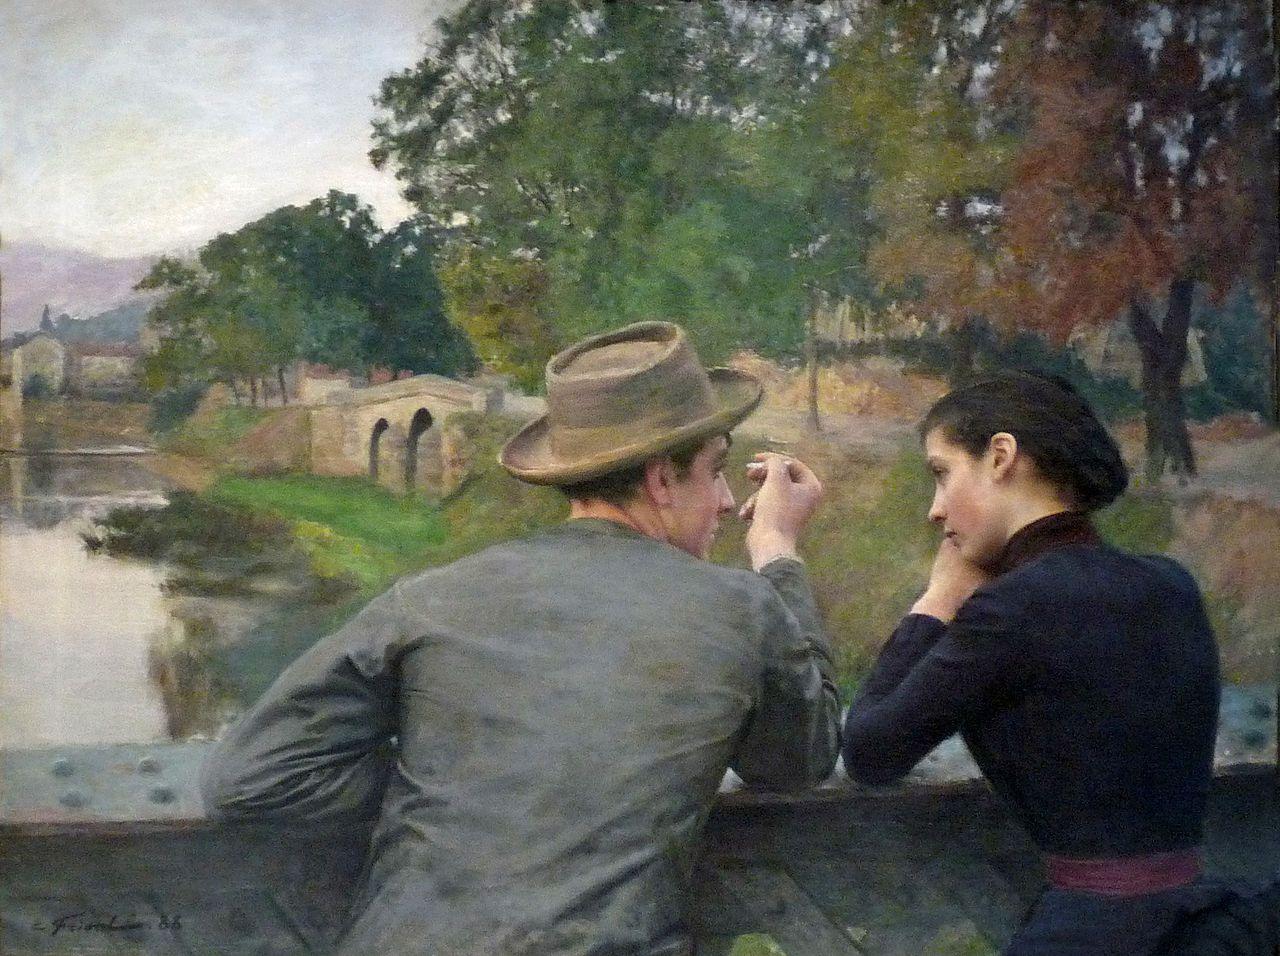 Les Amoureux (1888) by Emile Friant, Musée des Beaux-Arts de Nancy